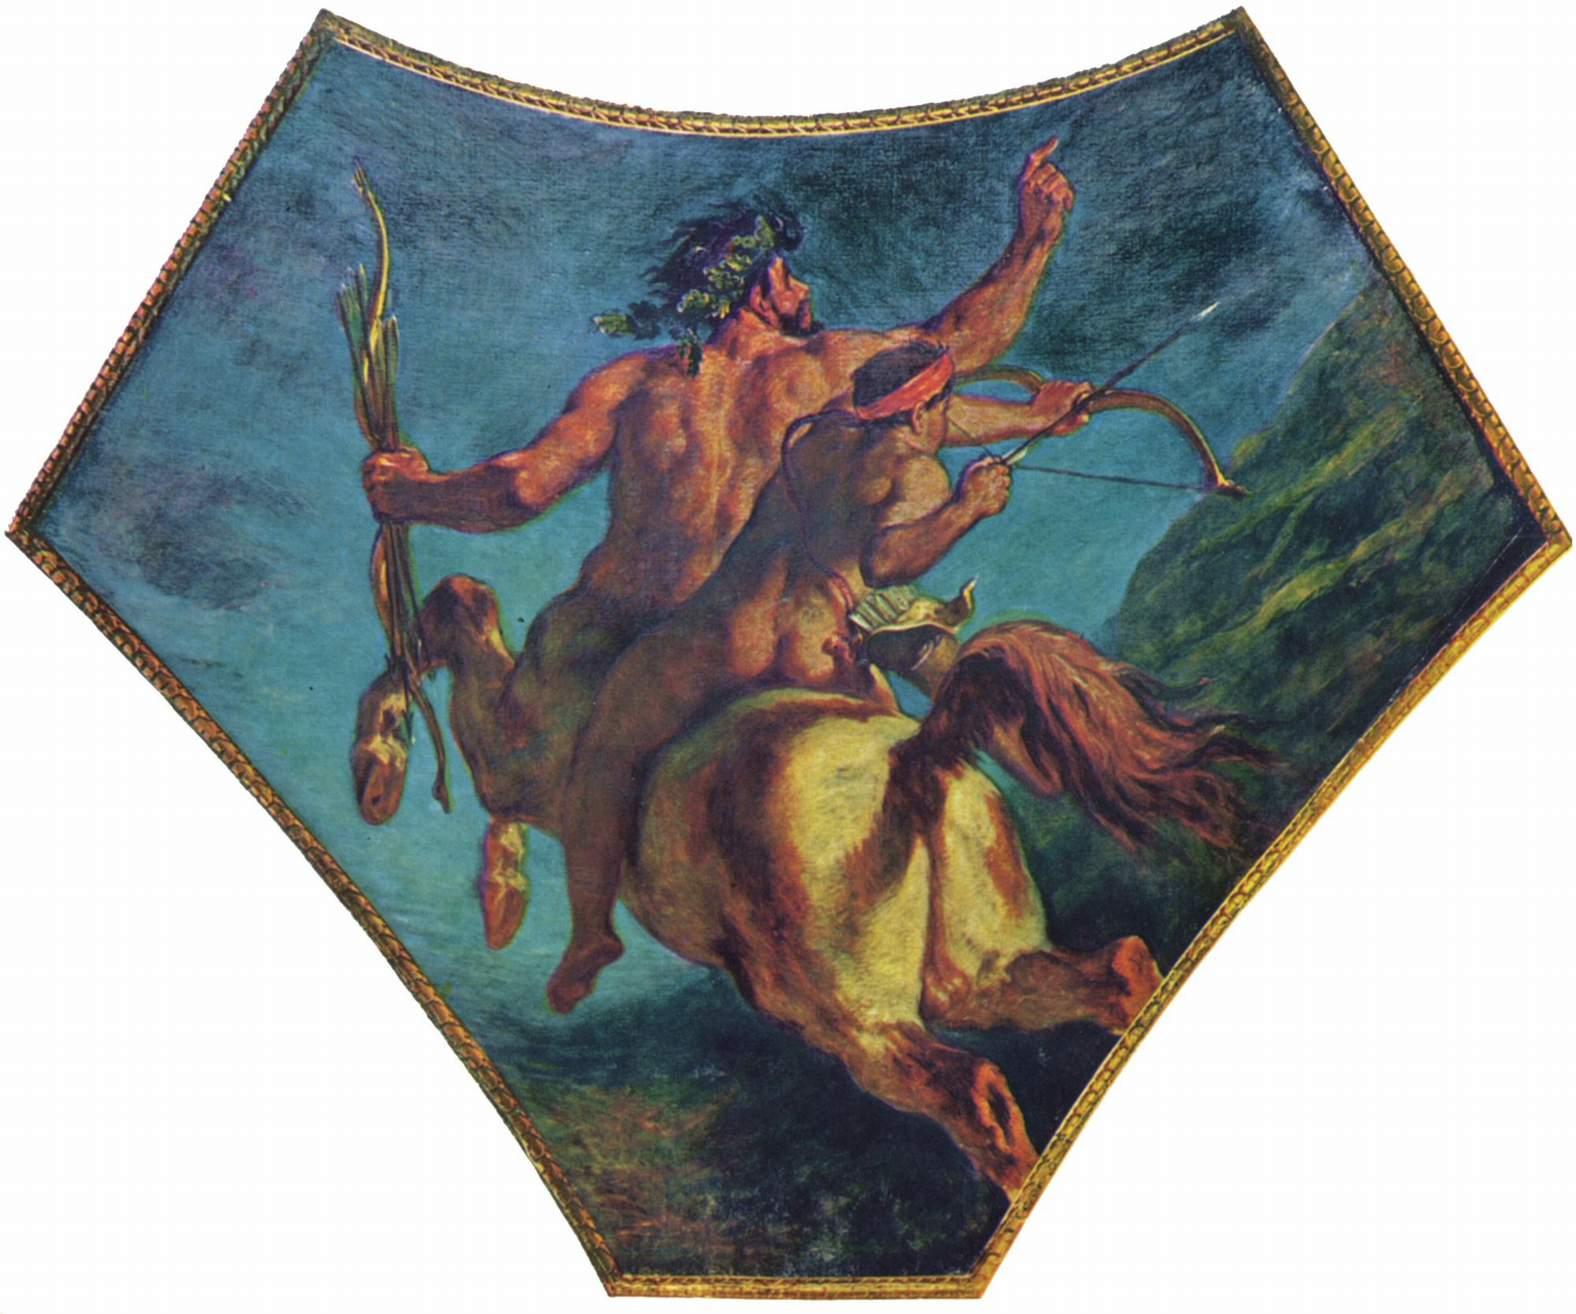 Атилла попирает Италию и Искусства, фрагмент, Делакруа Эжен Фердинанд Виктор